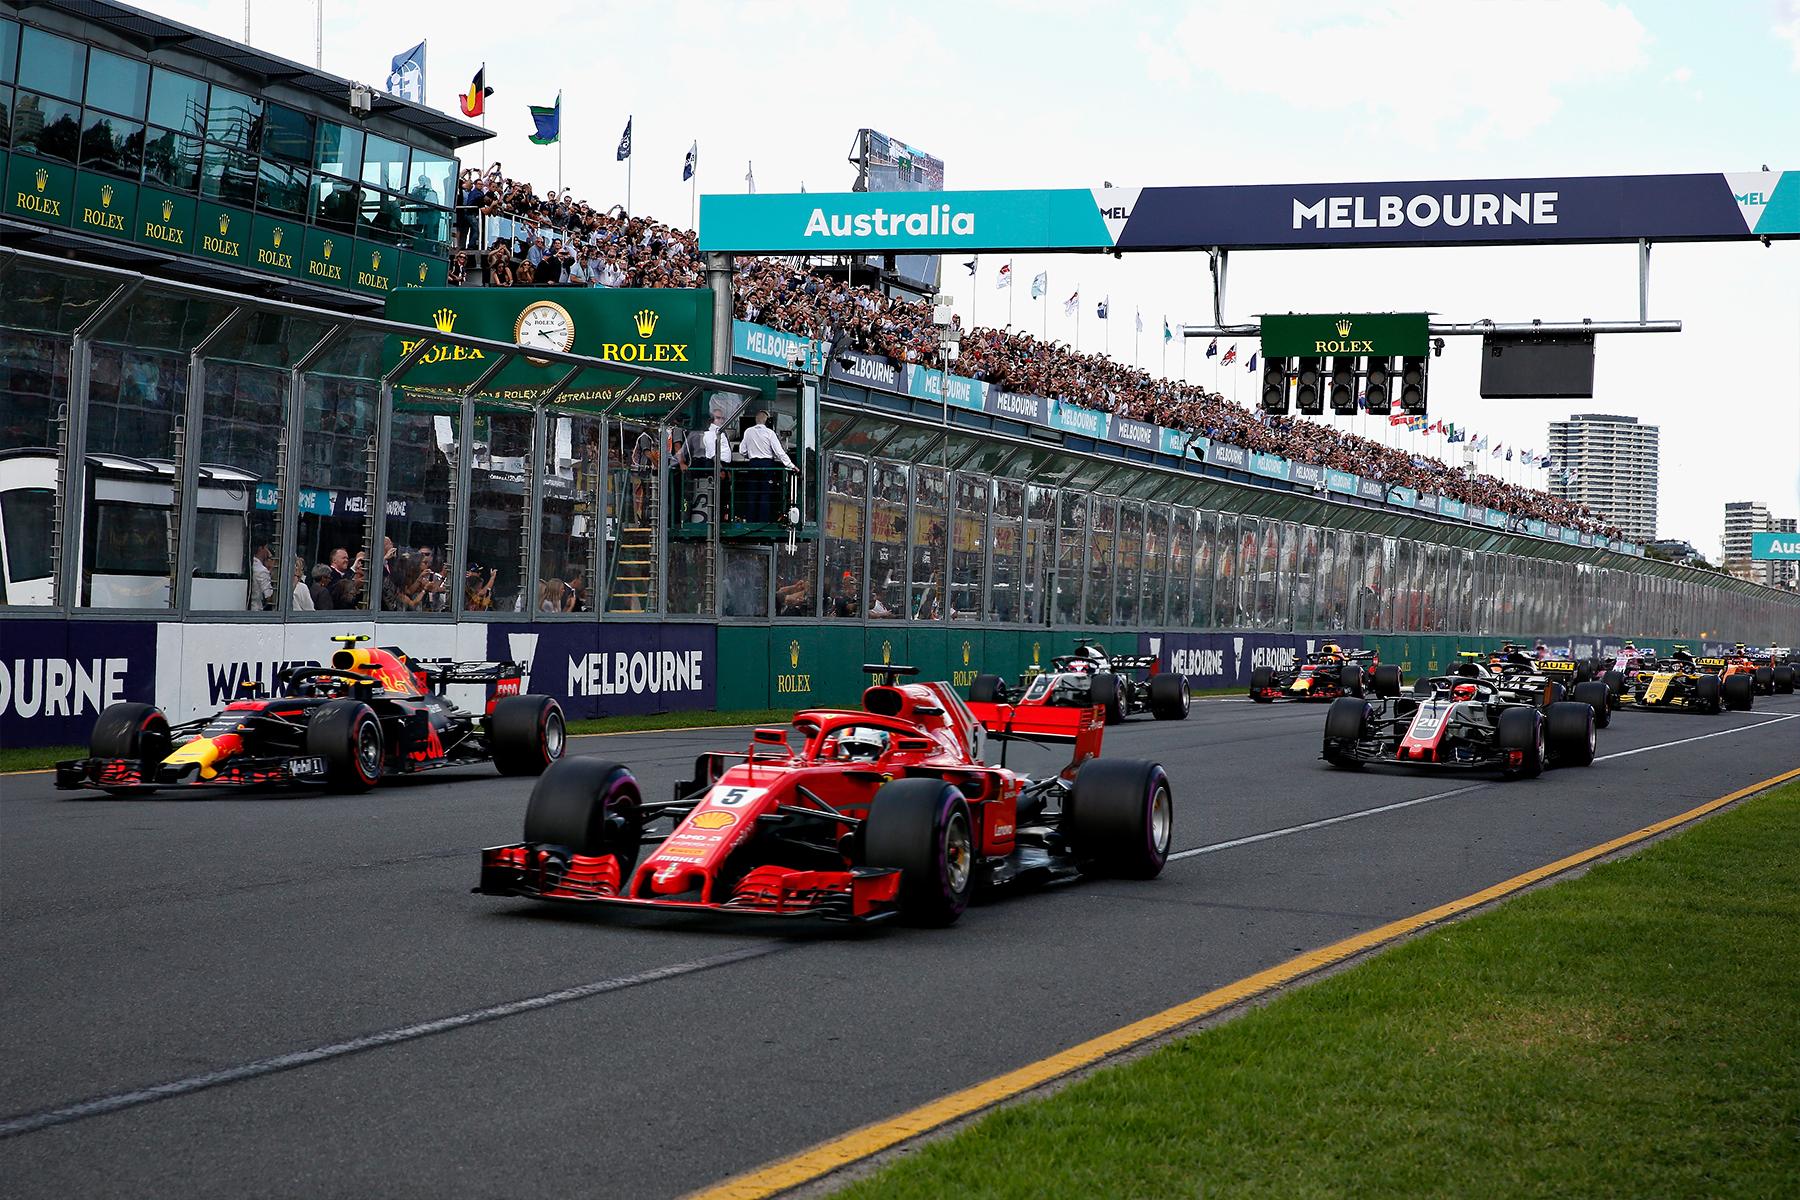 Најава: со ГН на Австралија започнува новата F1 сезона / ВИДЕО